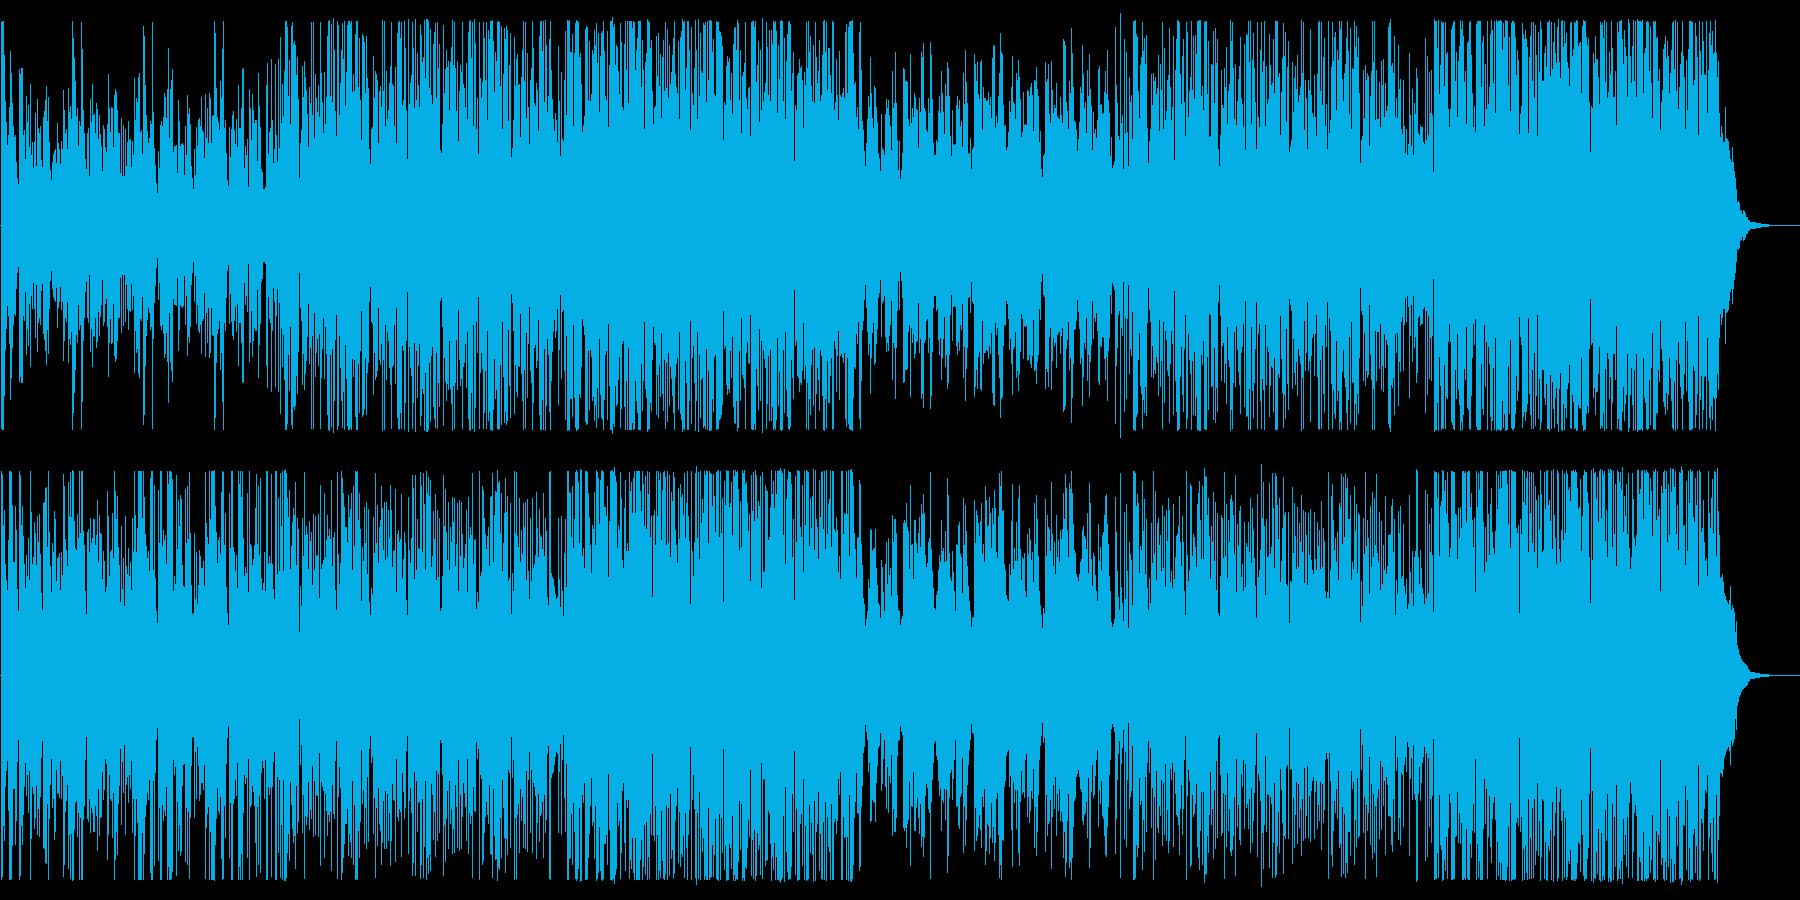 前向きで新しい旋律が美しいピアノの曲の再生済みの波形